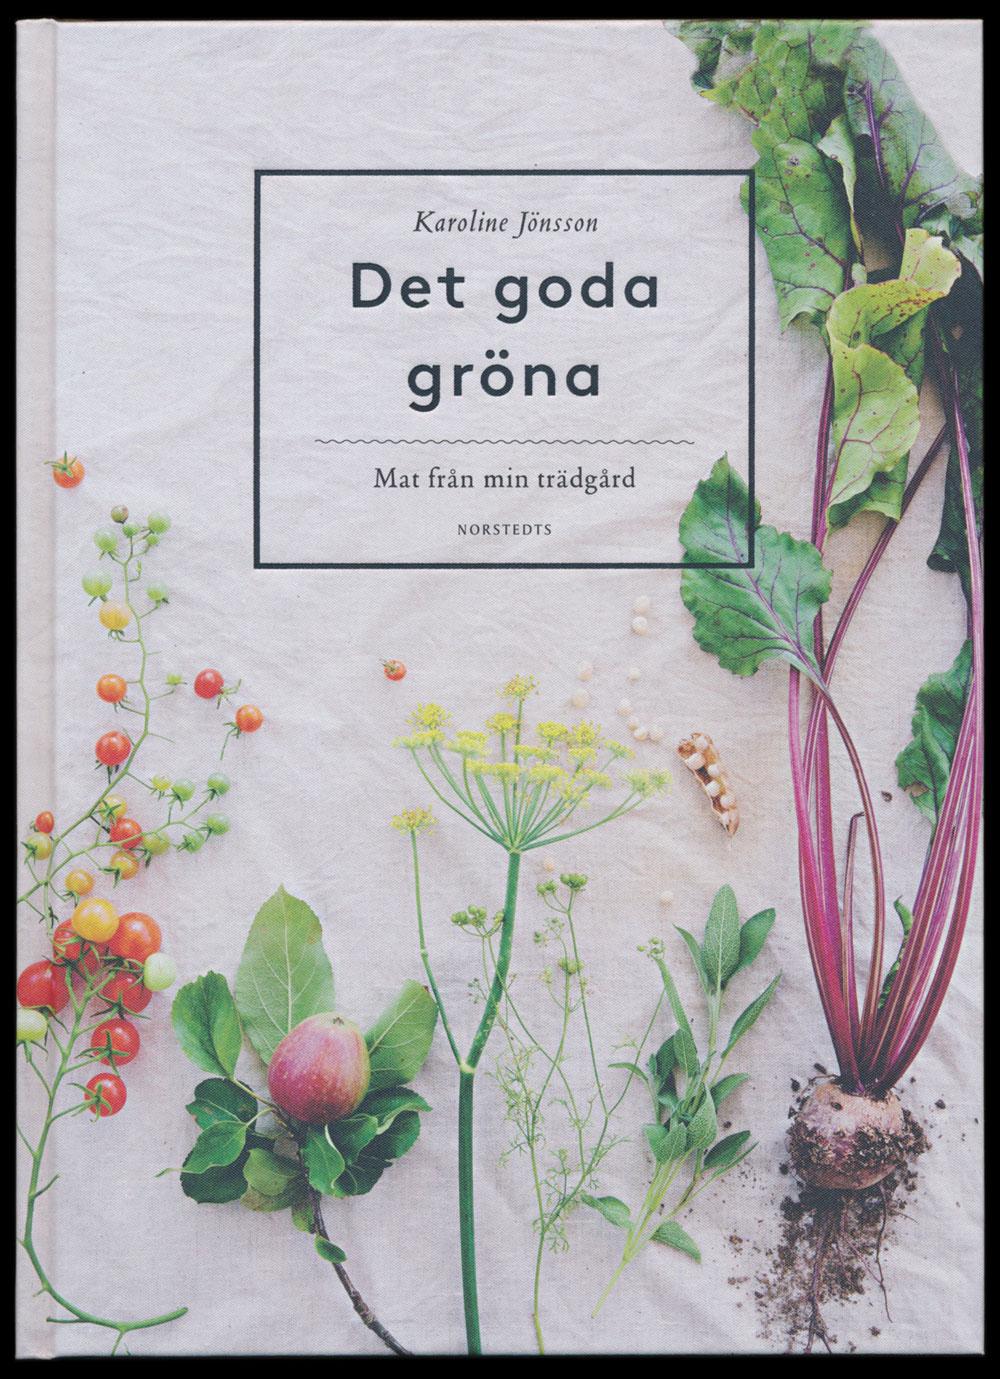 Det goda gröna av Karoline Jönsson